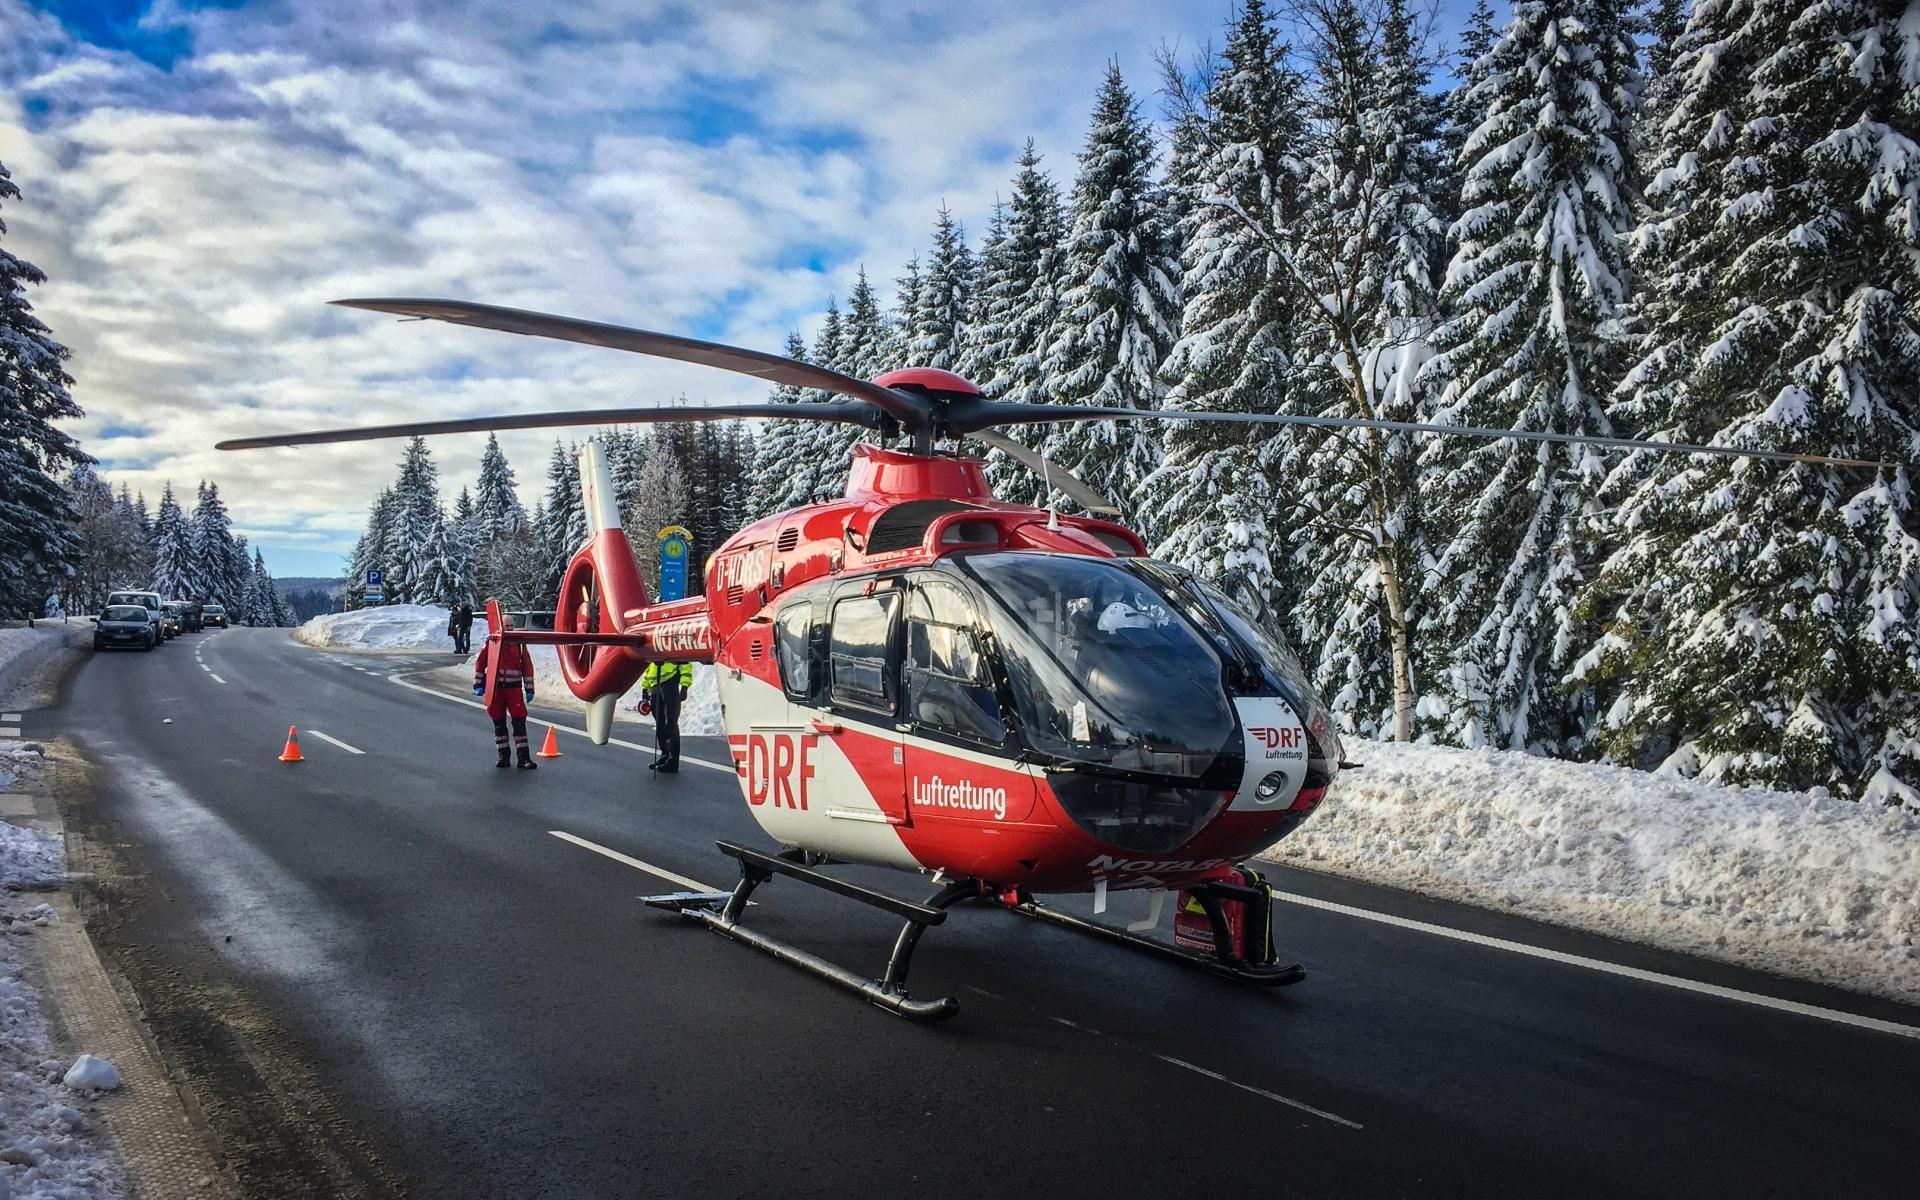 Die Besatzung des Göttinger Hubschraubers der DRF Luftrettung übernahm den Patienten von den bodengebundenen Rettungskräften.